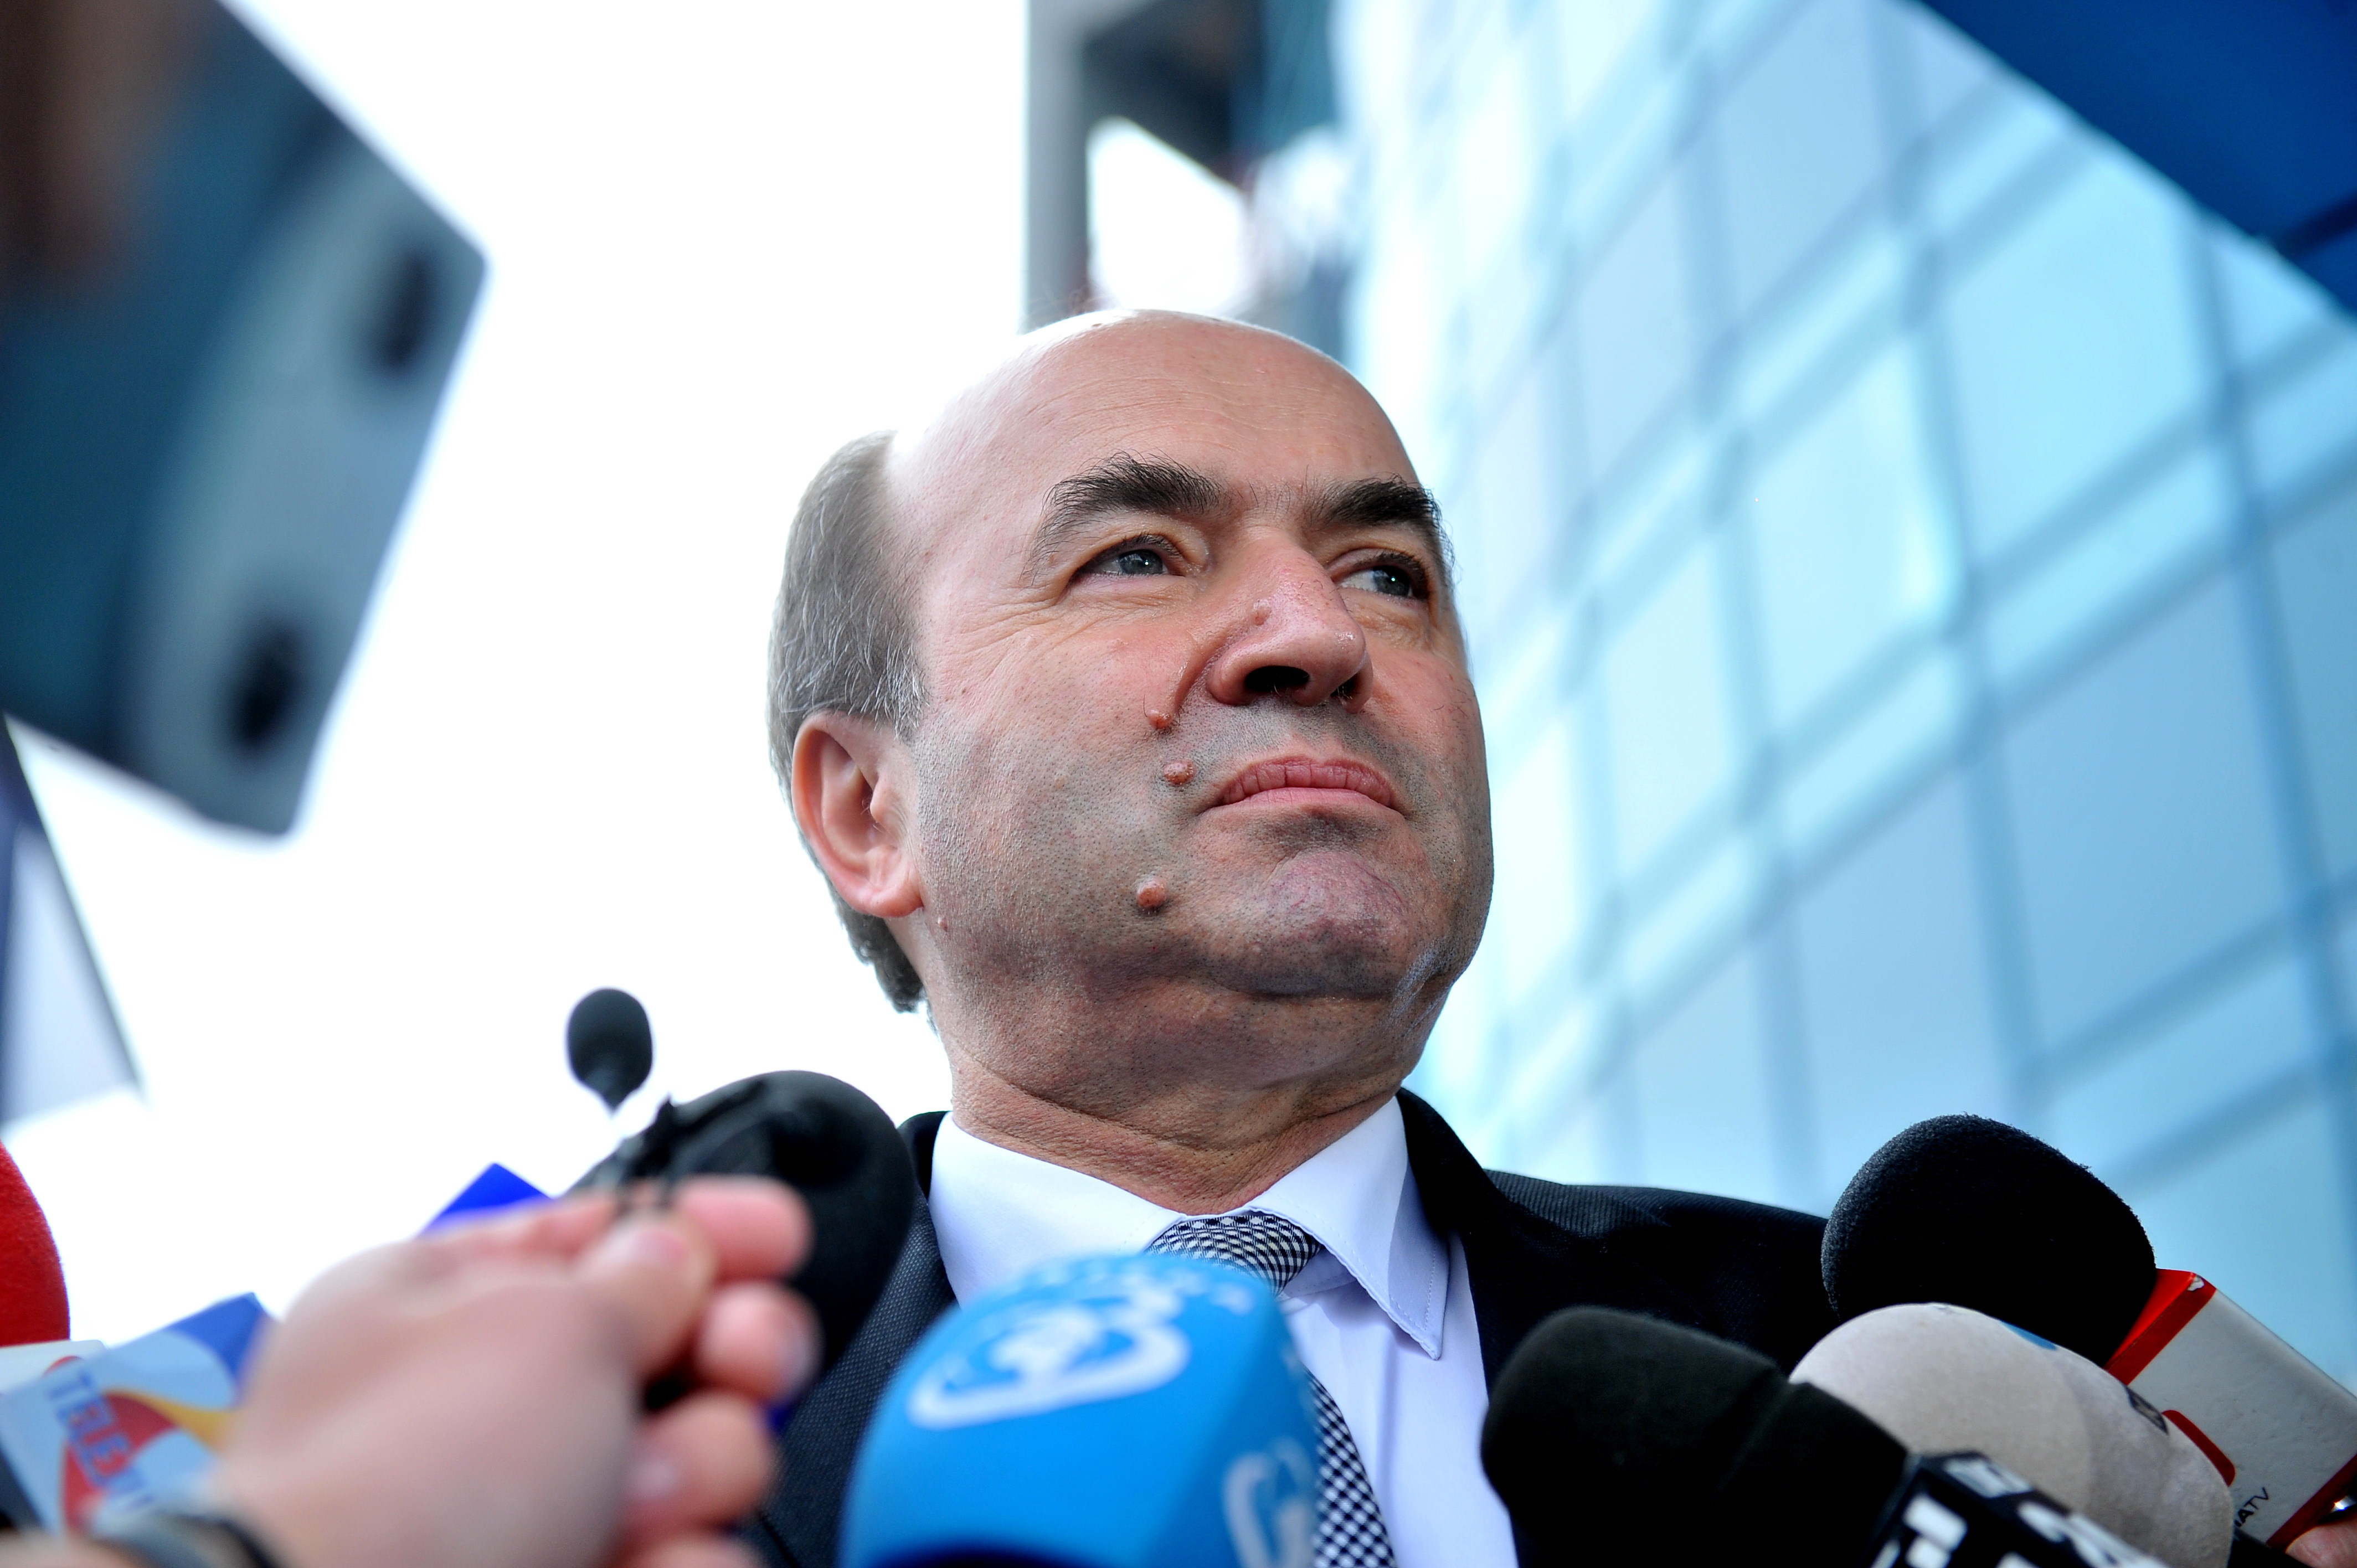 Tudorel Toader, reconfirmat ministru al Justiţiei: Ar fi fost nerealist să se creadă că, în 6 luni, România va remedia problemele din închisori